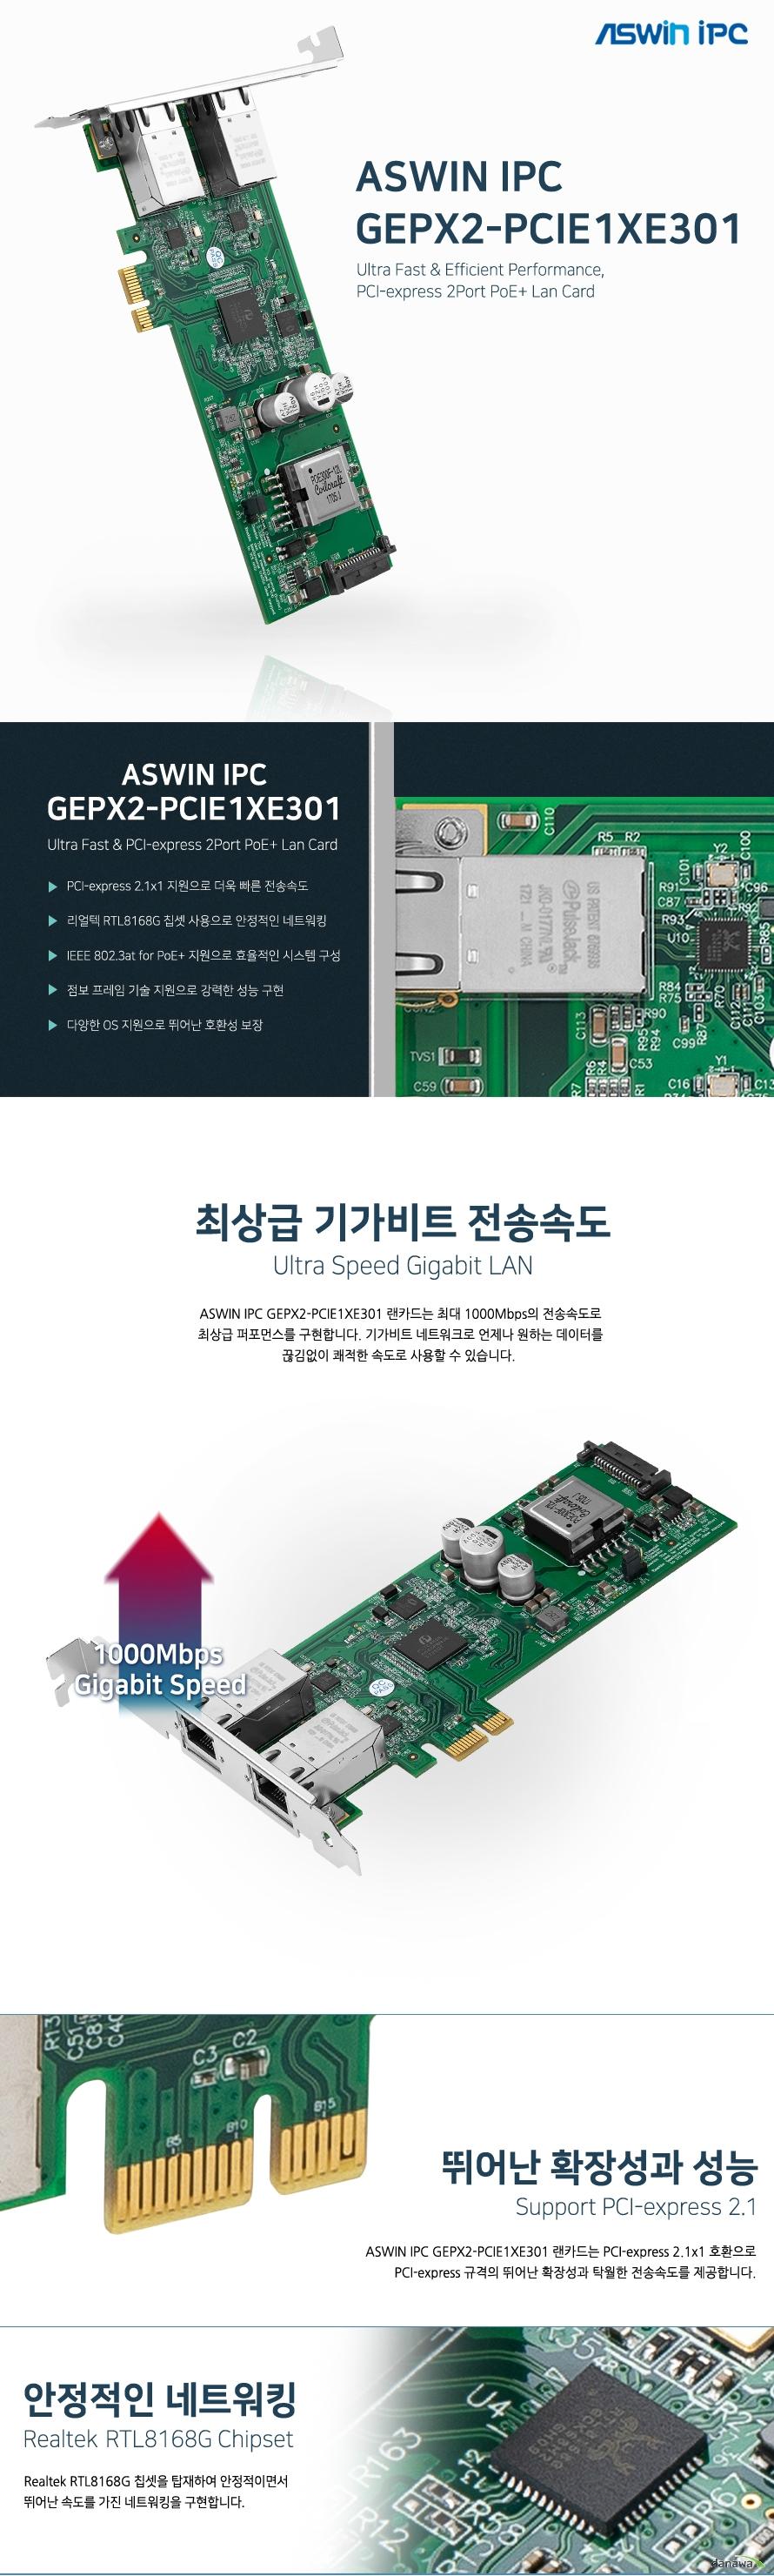 에즈윈아이피씨 GEPX2-PCIE1XE301 랜카드  제품 상세 정보       인터페이스 pcie2.1 x1  지원 스펙 10 100 1000mbps PoE+ 2포트     옵션 lp 브라켓     서비스 센터 에즈윈아이피씨 02 718 0114   내용물      사용자 설명서     드라이버 설치 cd